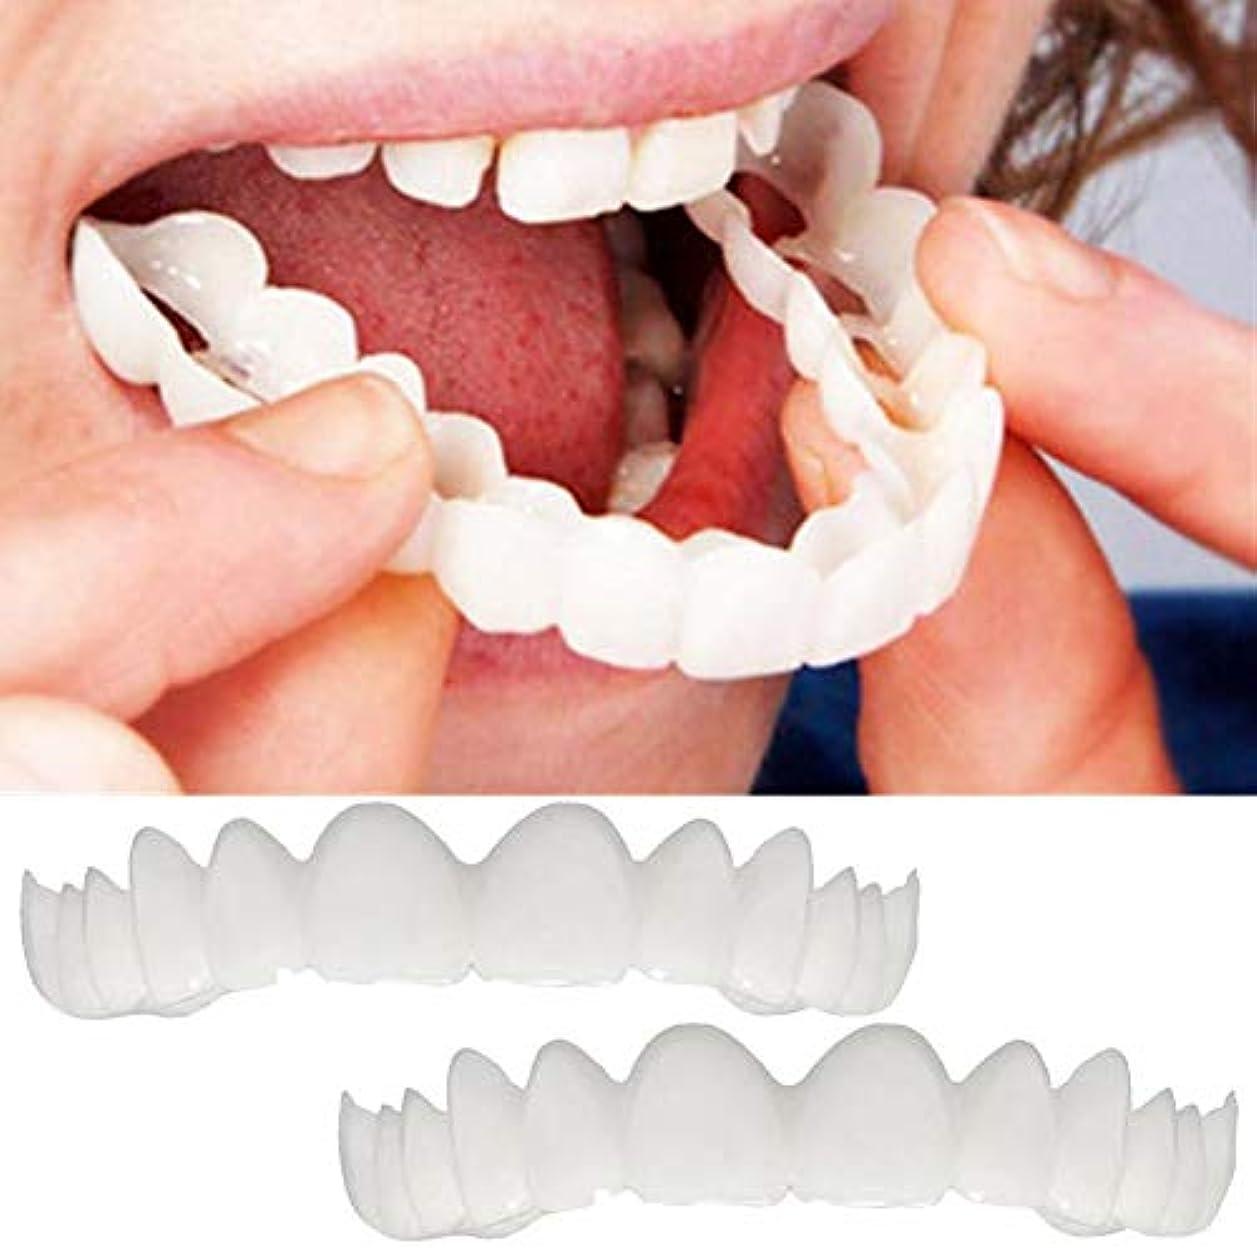 パケット多用途タイピストホワイトニングスナップオンスマイルパーフェクトスマイルフィット最も快適な義歯ケア入れ歯デンタルティースベニヤ上の歯と下の歯,1Pcs